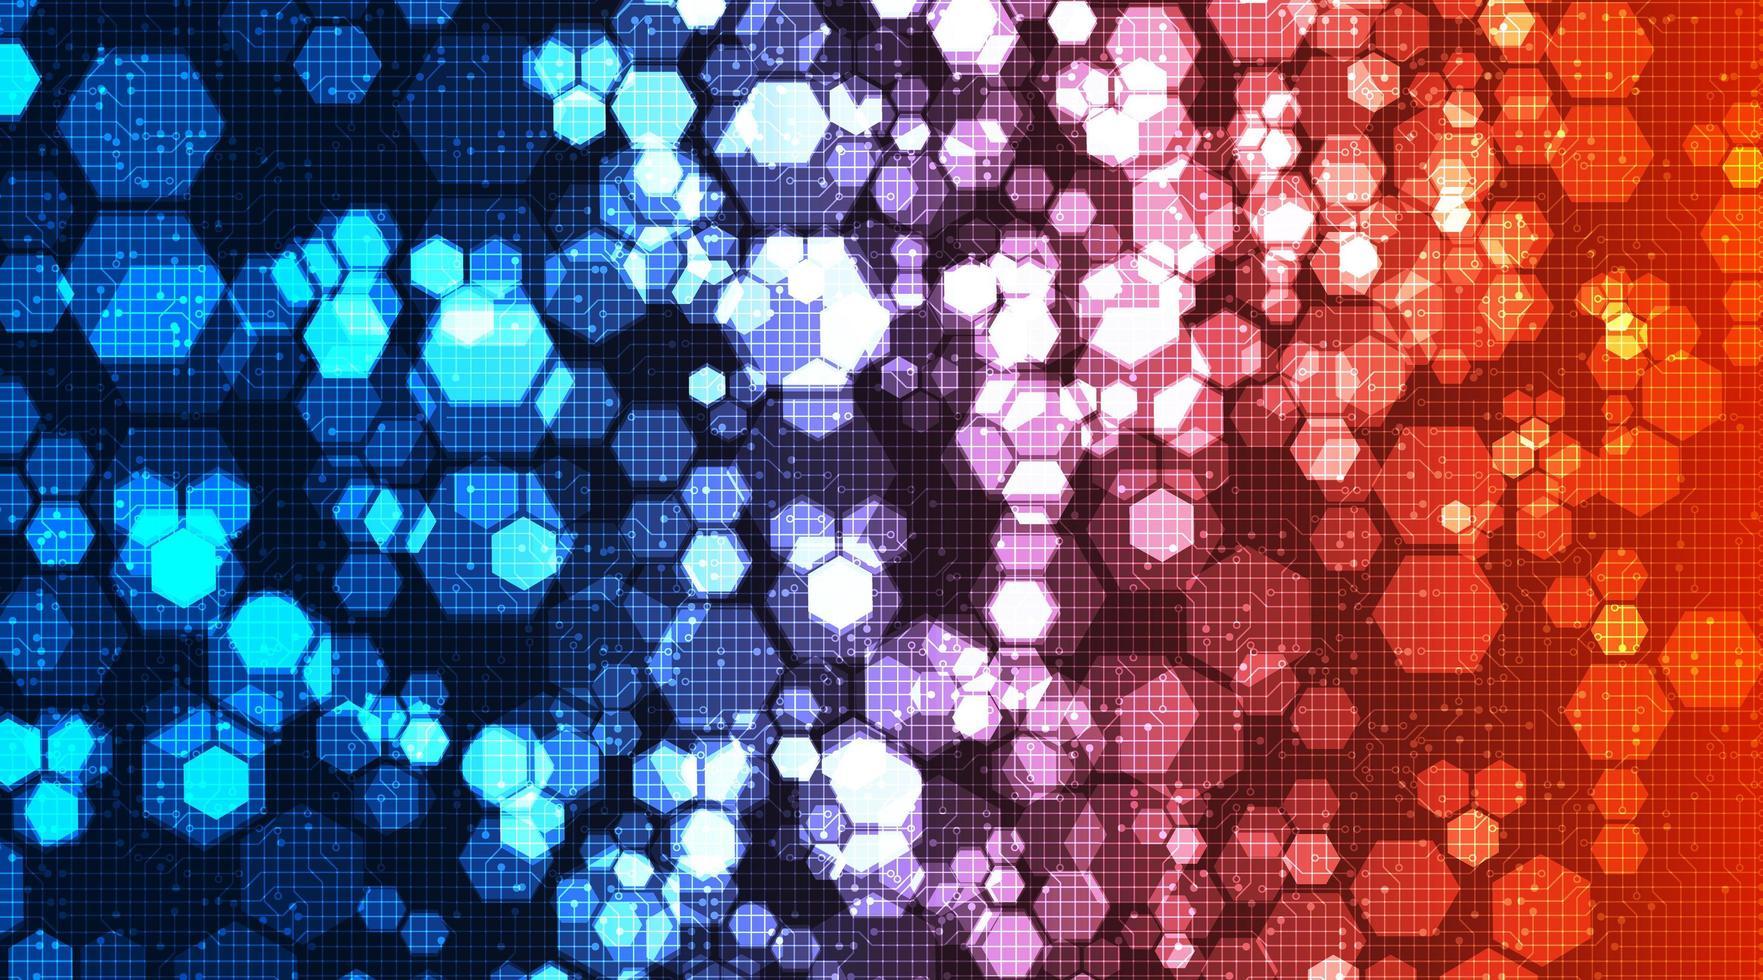 fond de technologie polygone circuit coloré conception de concept numérique et de sécurité de haute technologie vecteur